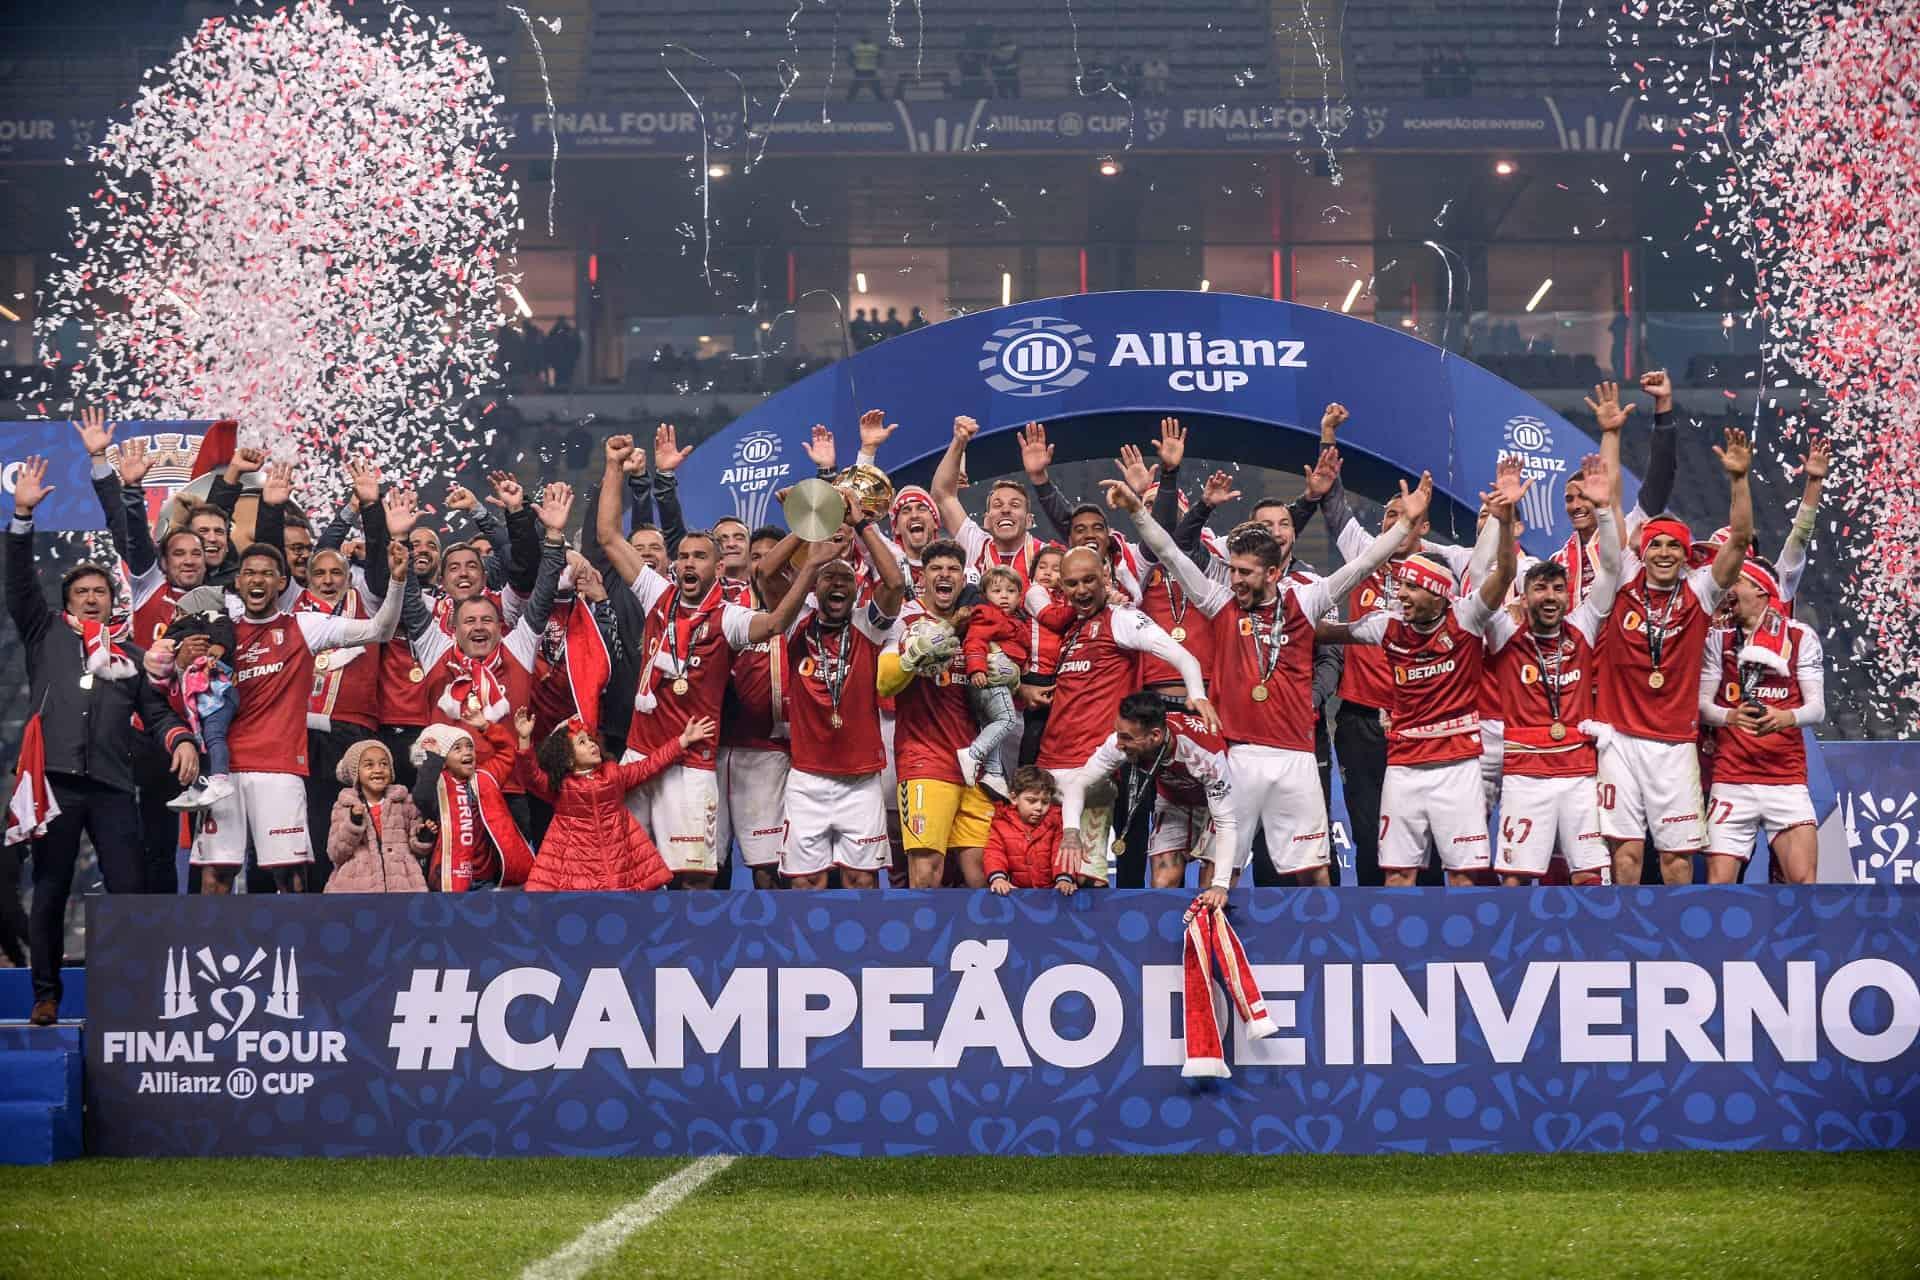 Betano congratula o SC Braga, Campeão de Inverno